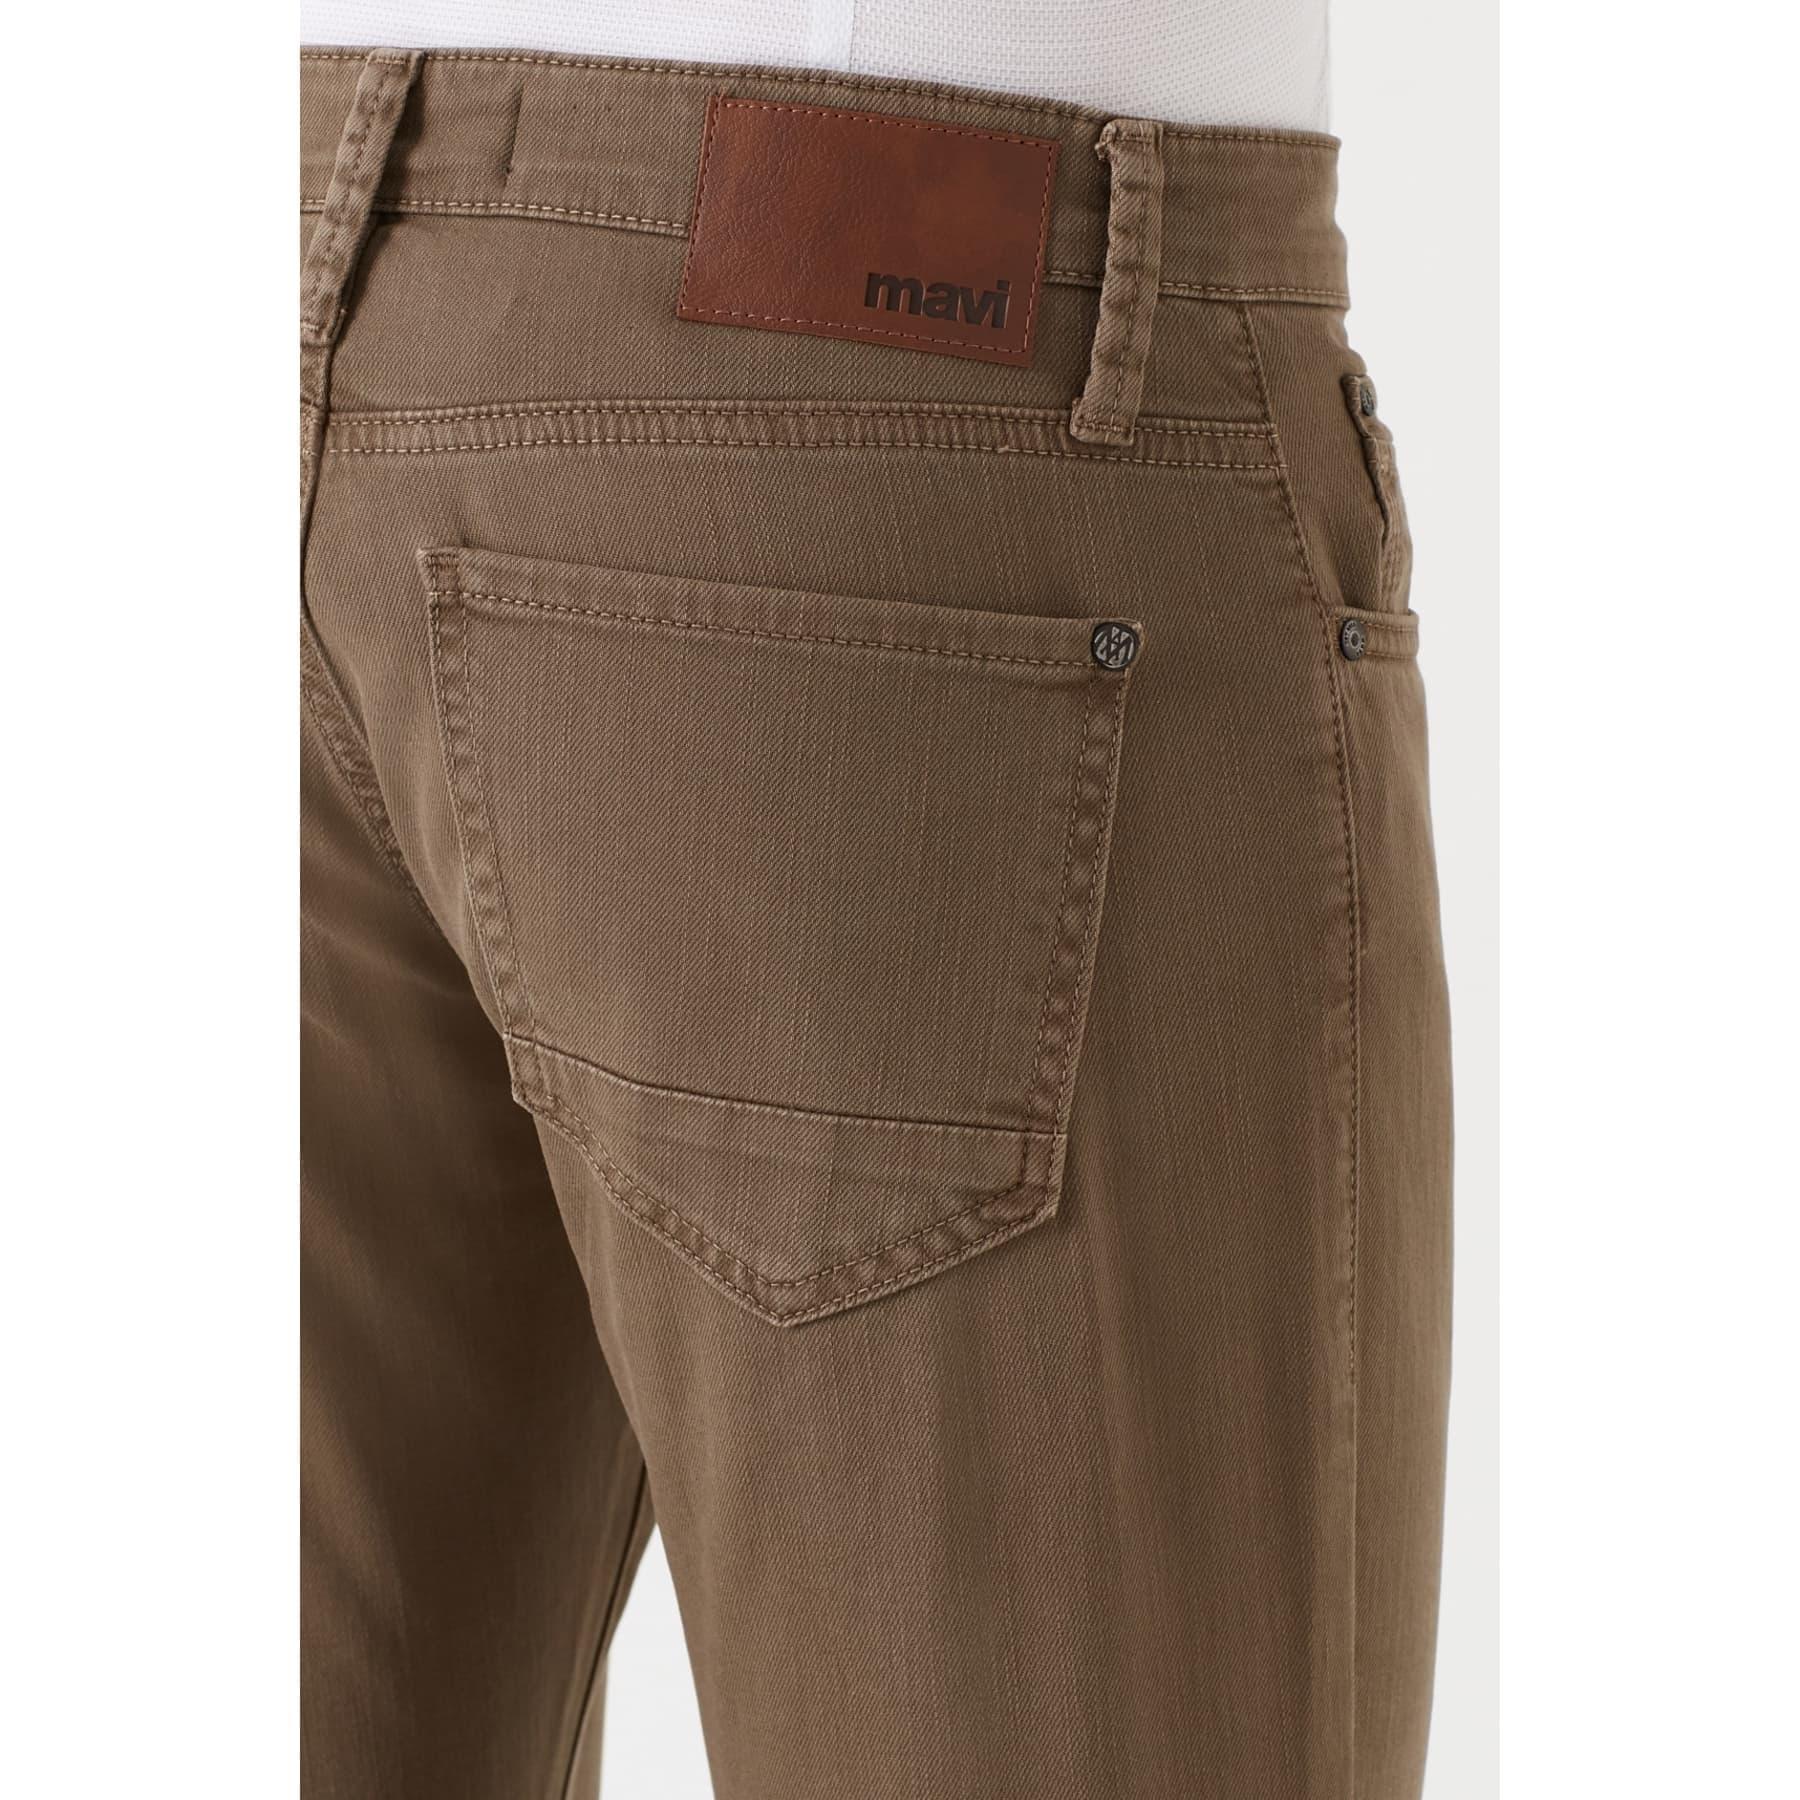 Marcus Koyu Bej Erkek Gabardin Pantolon